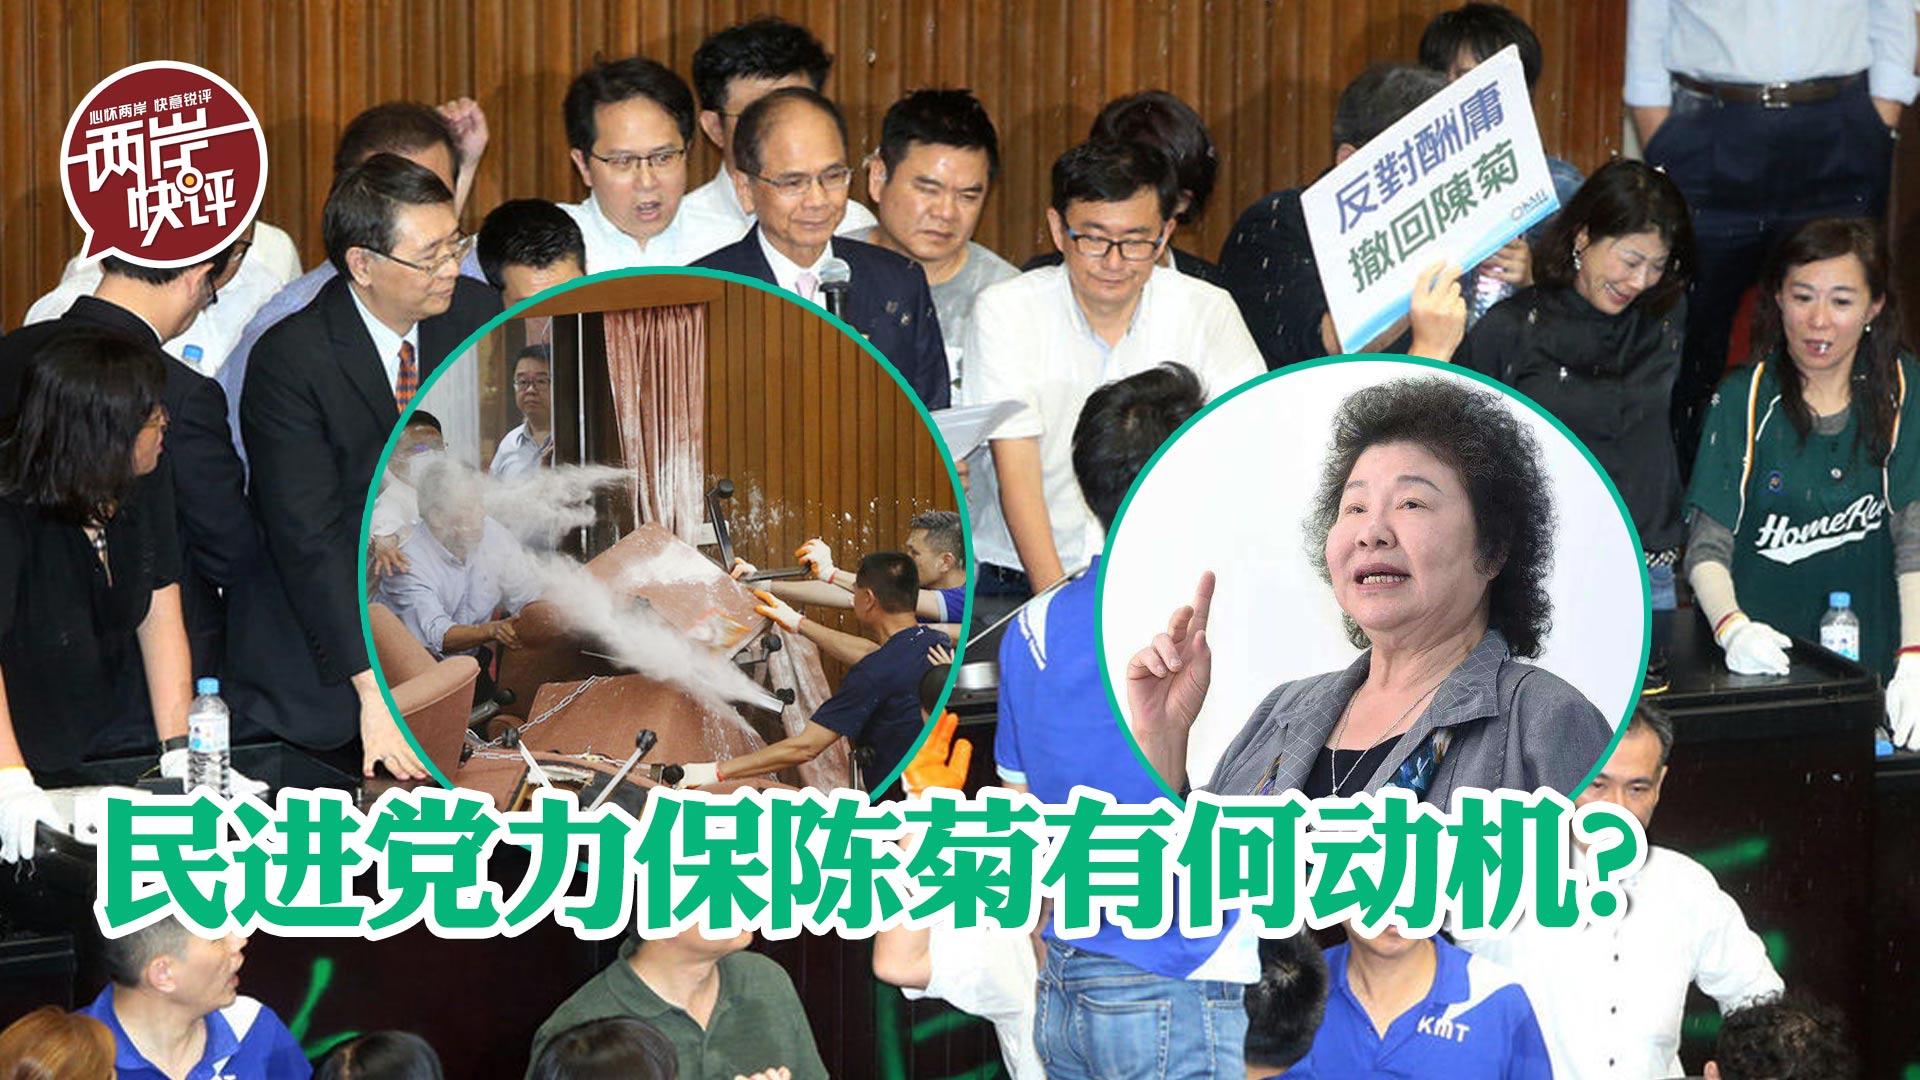 民進黨力保陳菊,幕后有何動機?圖片